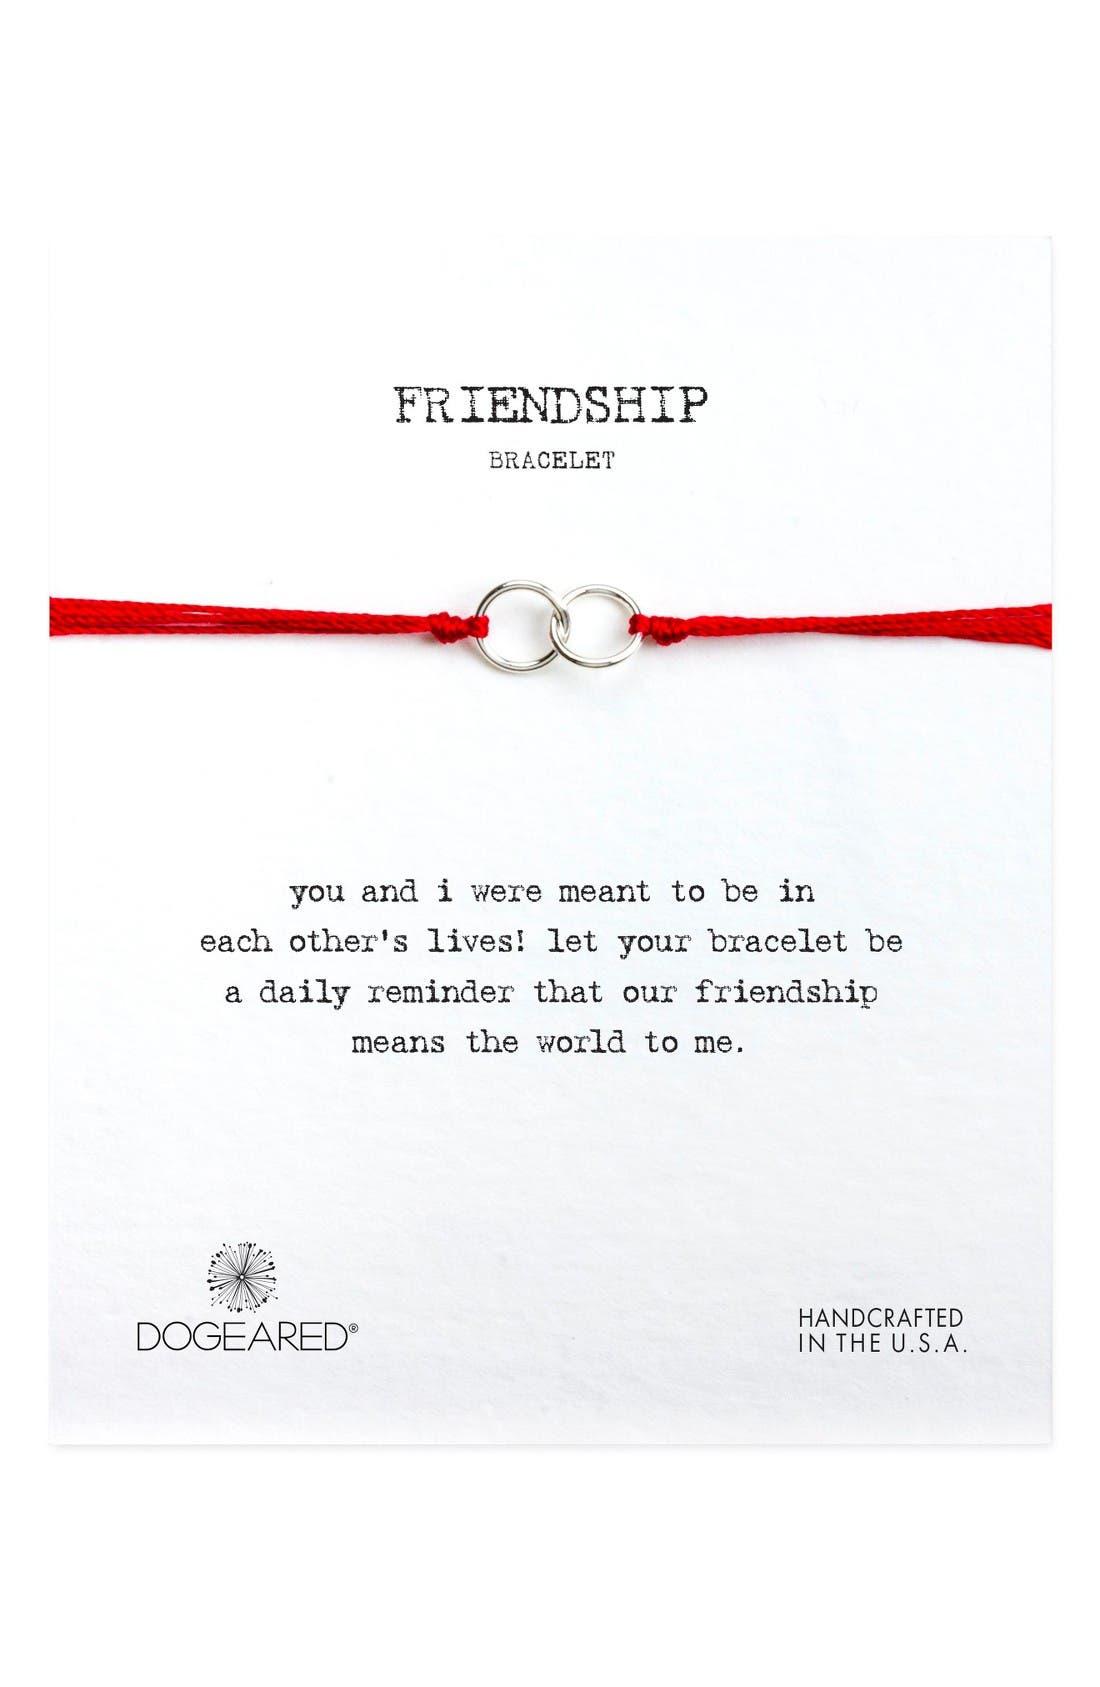 DOGEARED Double Linked Friendship Bracelet